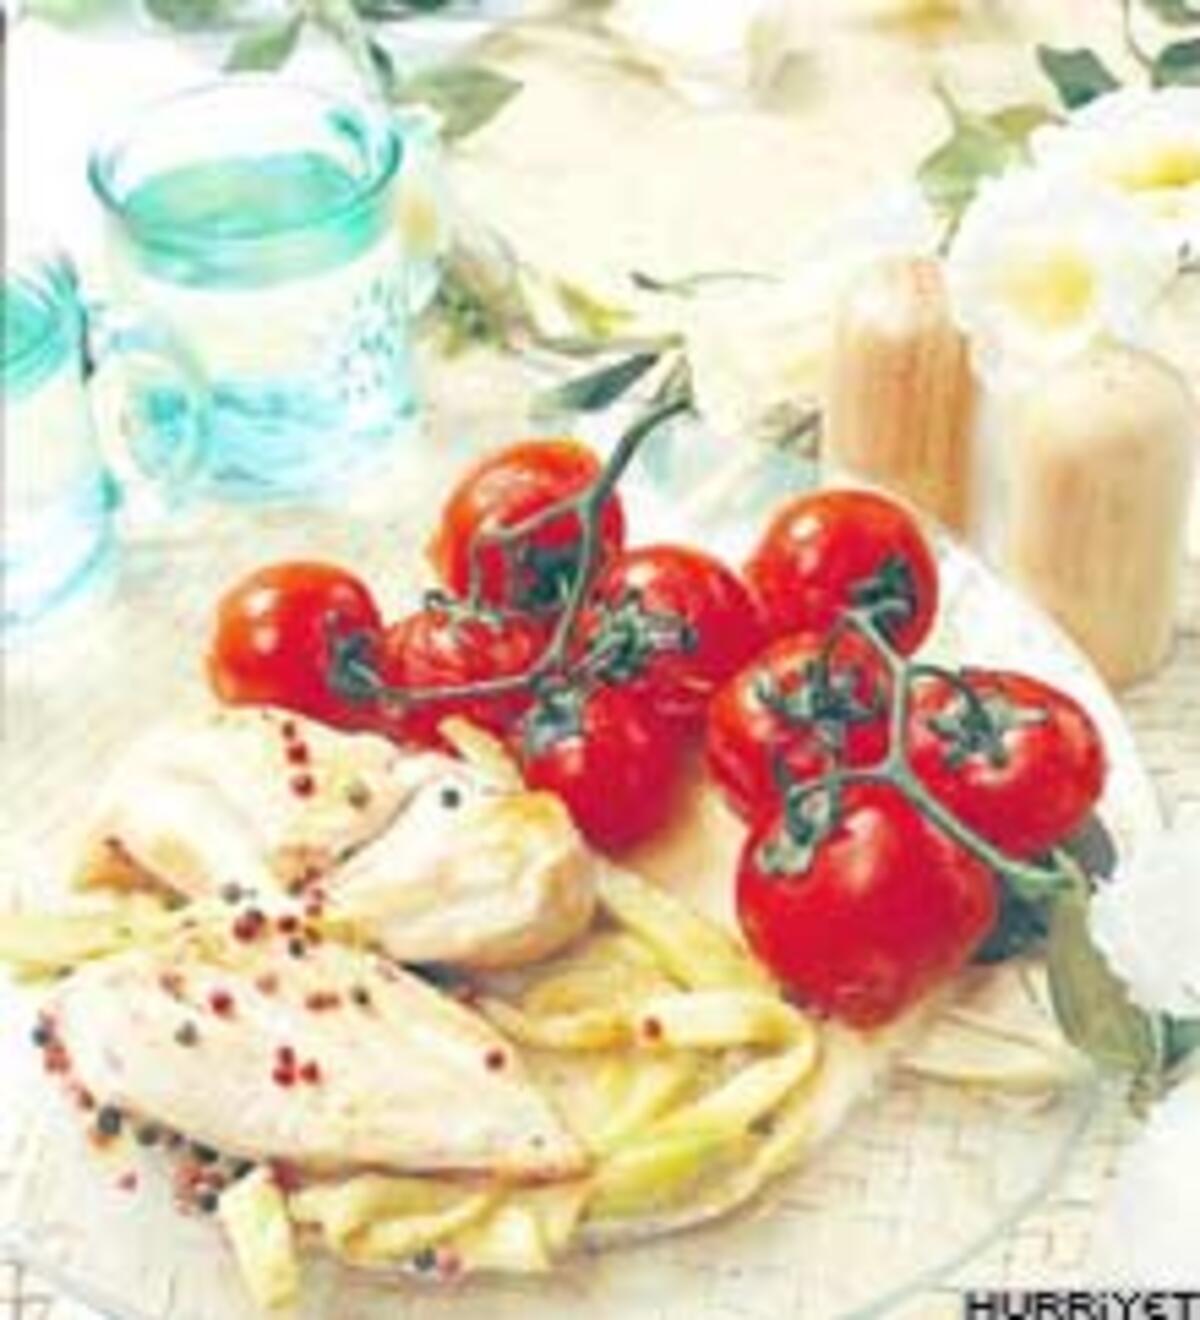 Yemek Bogazdan Gecmiyorsa Tehlike Var Saglik Haberleri